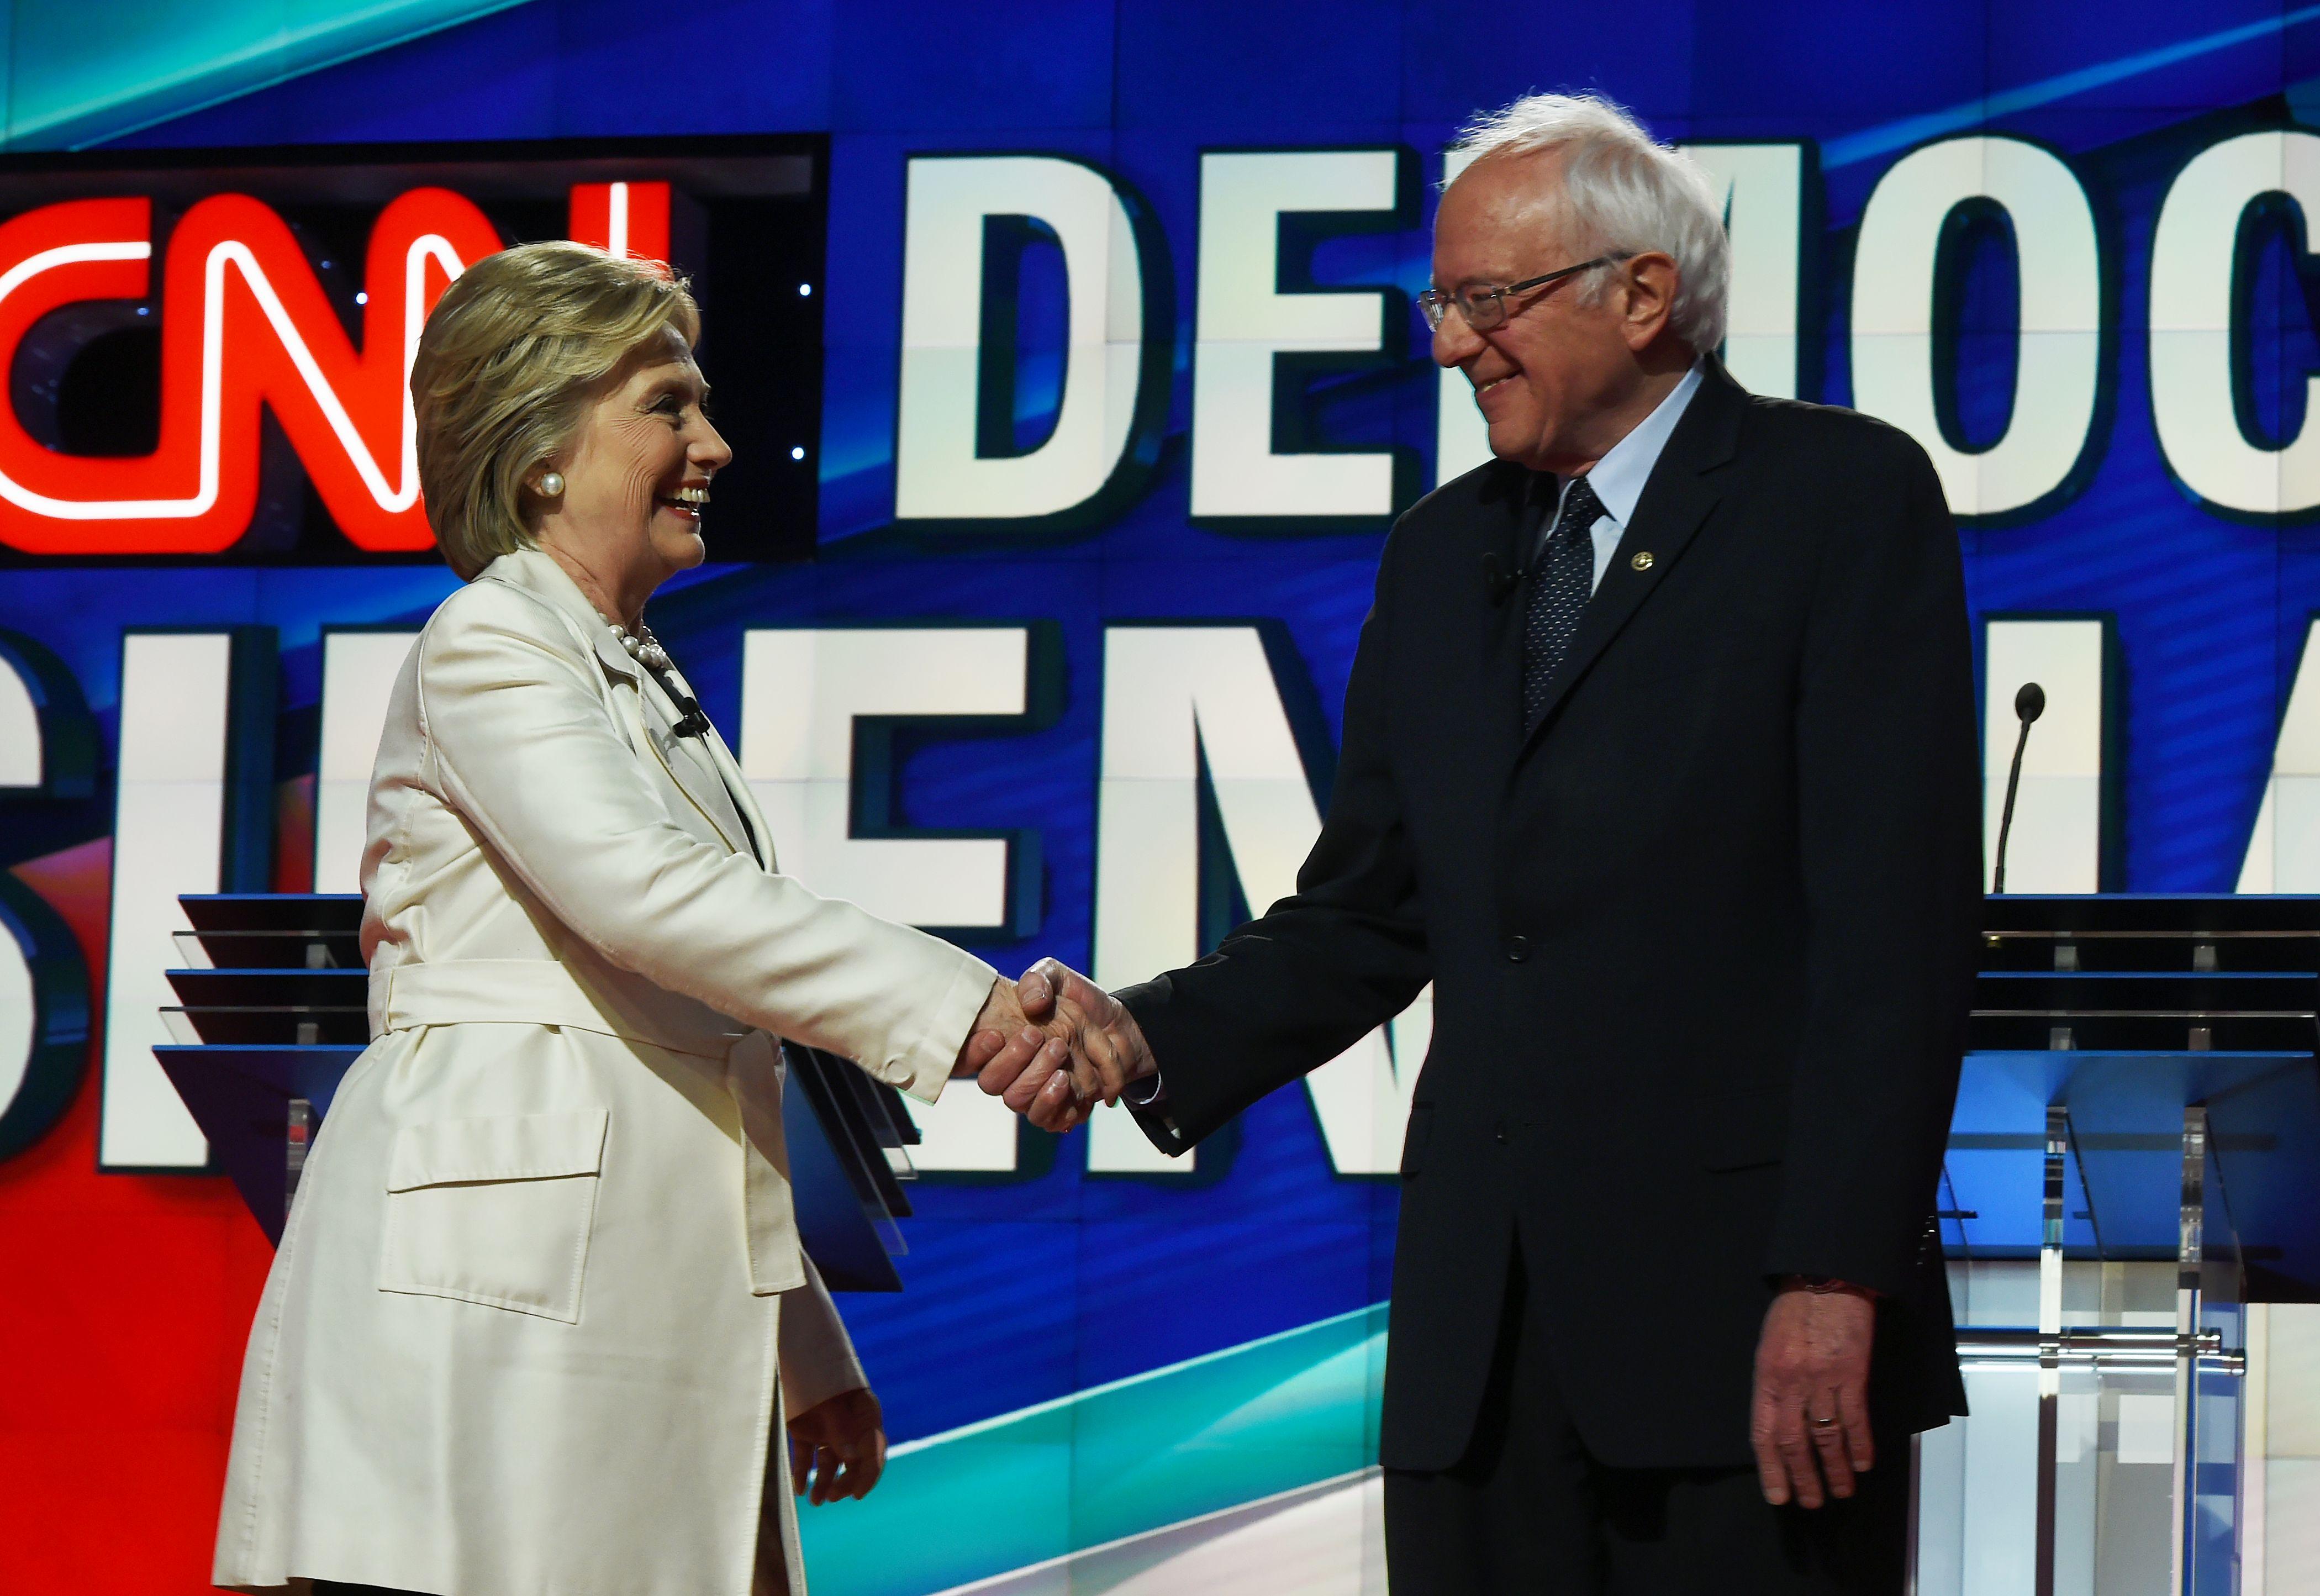 Caufield: Sanders's Endorsement of Clinton 'Necessary but Tough'